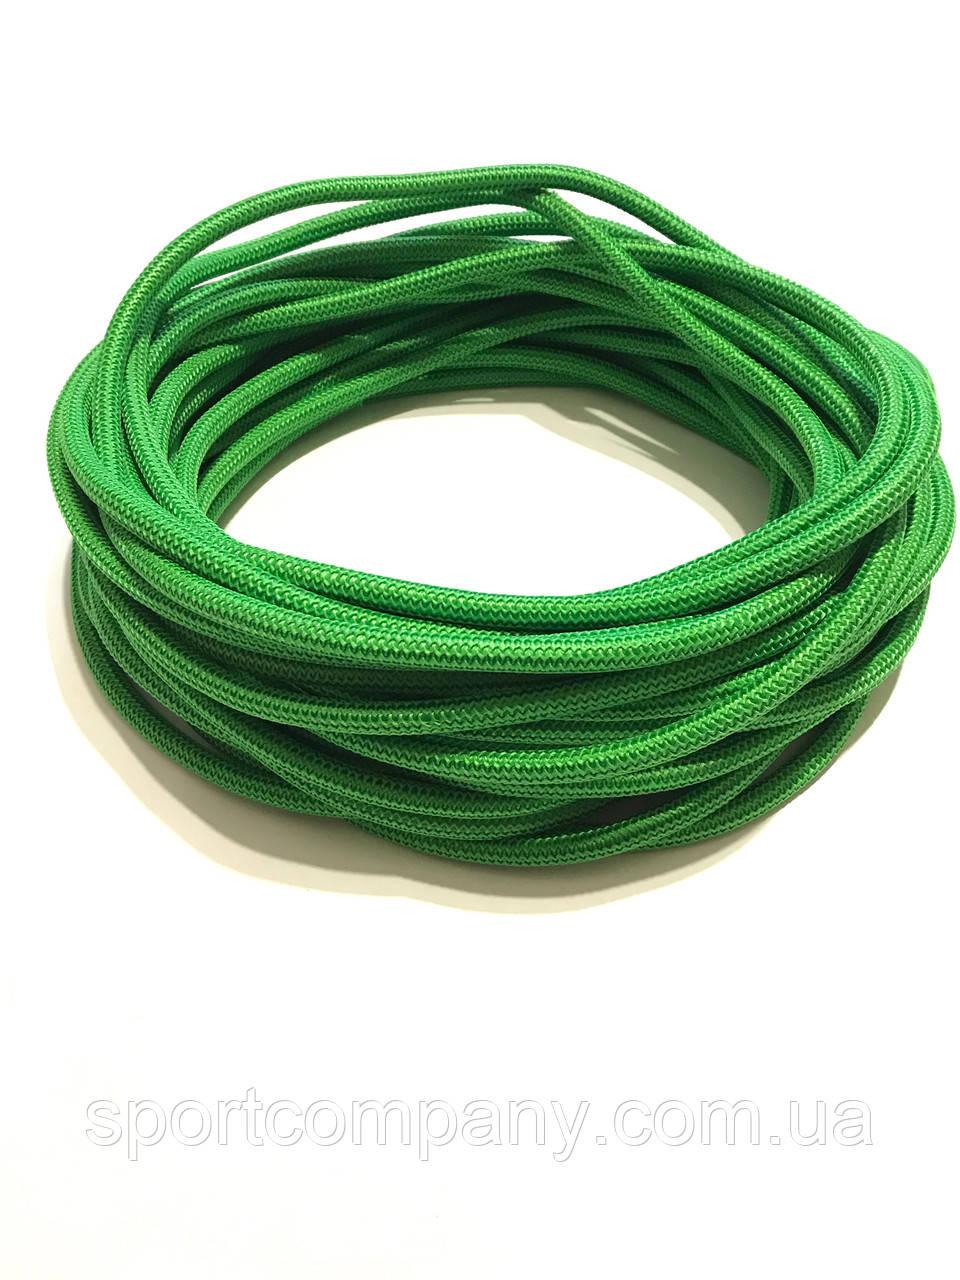 Жгут спортивный резиновый в тканевой оплетке ( резина, d-10 мм, I-200 см, зелёный  ) rez.zhyt10green